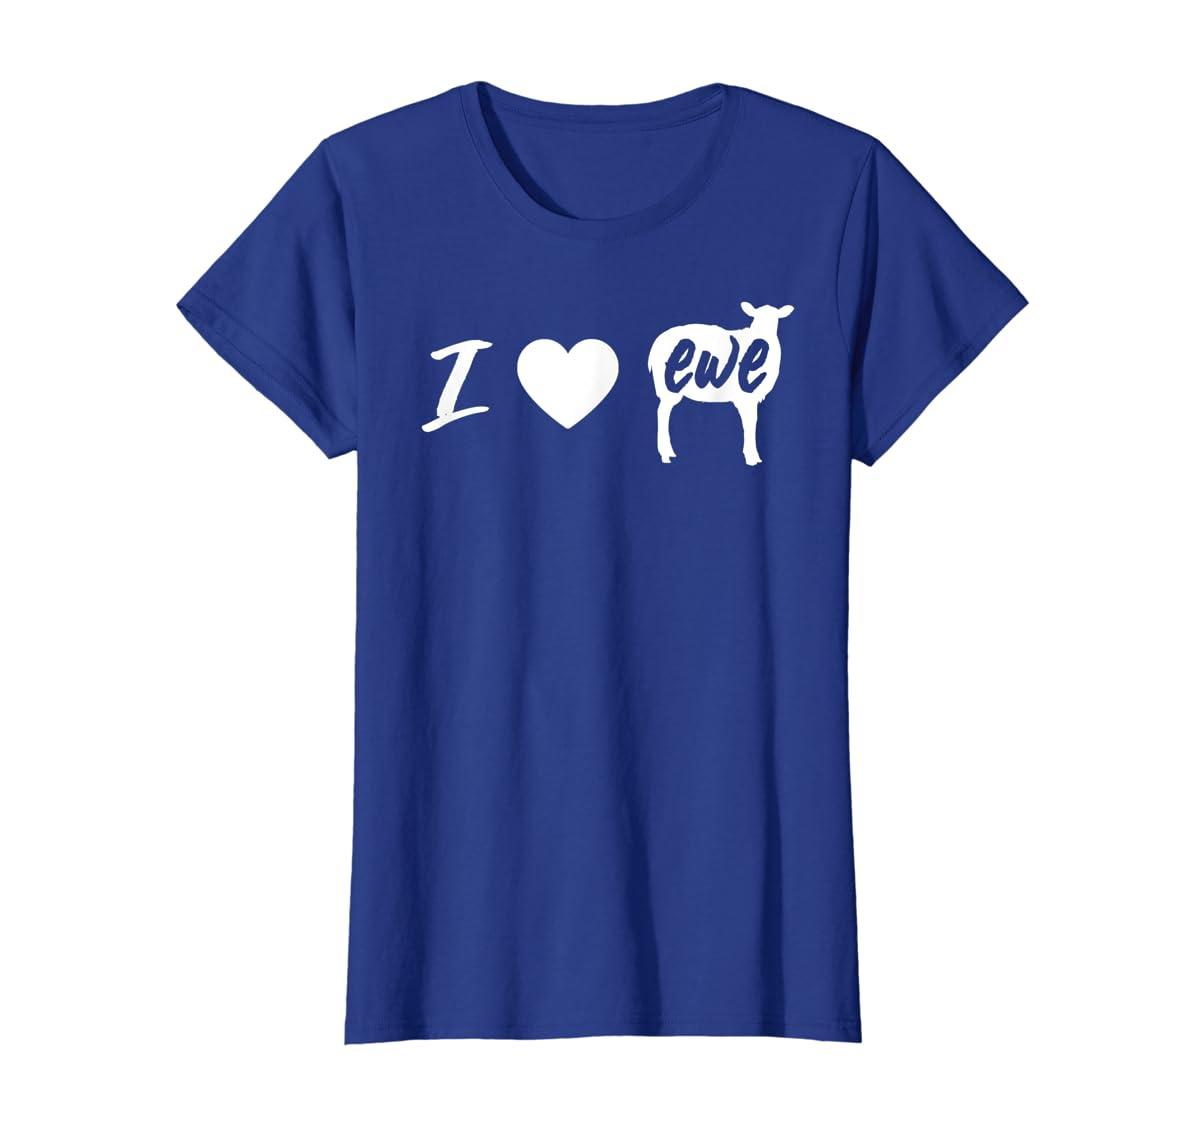 I Love Ewe - I Love You Sheep Pun Shirt-Women's T-Shirt-Royal